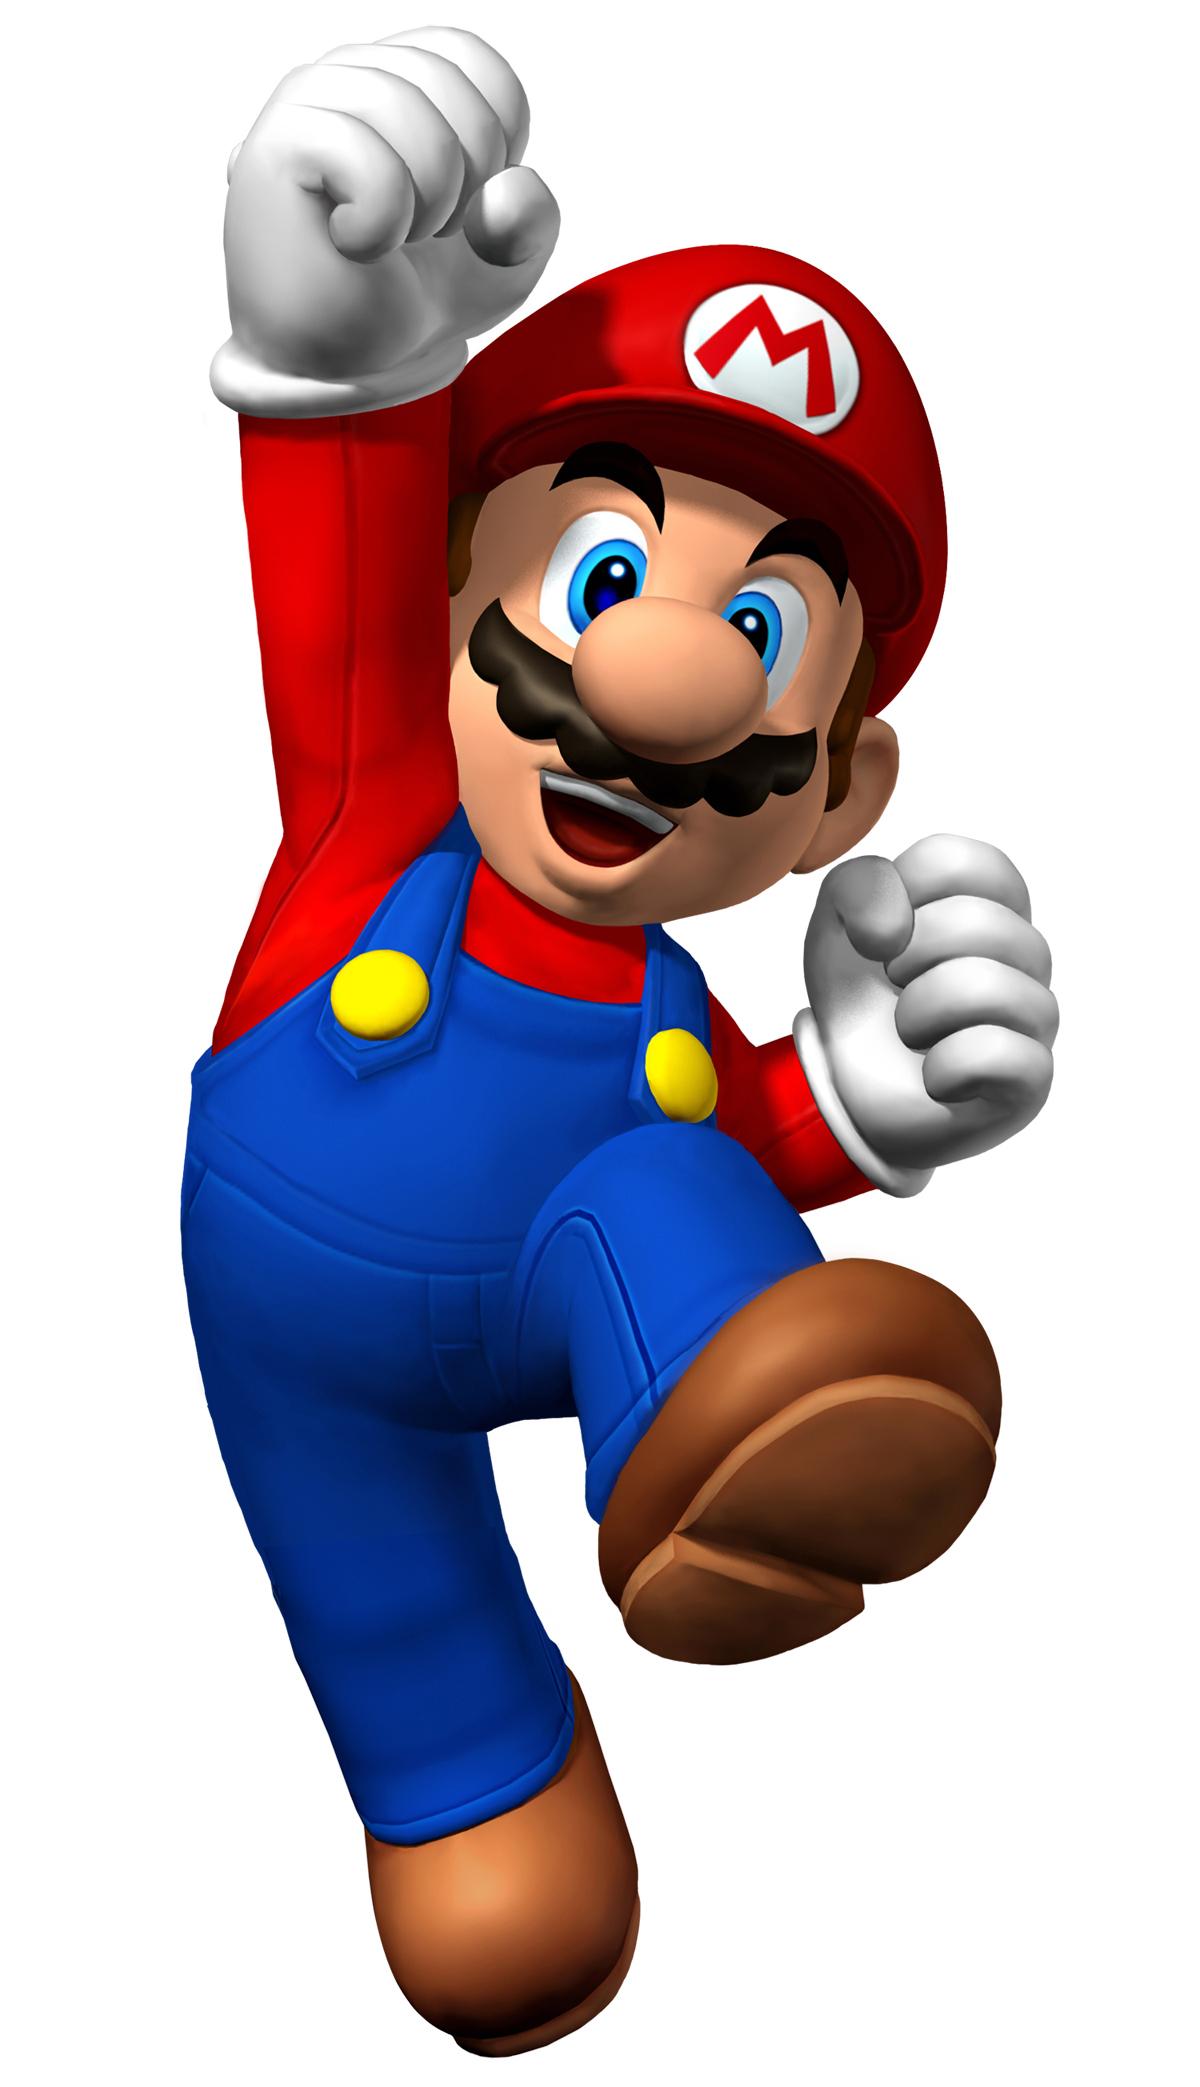 Historia de algunos personajes de Mario Bros.